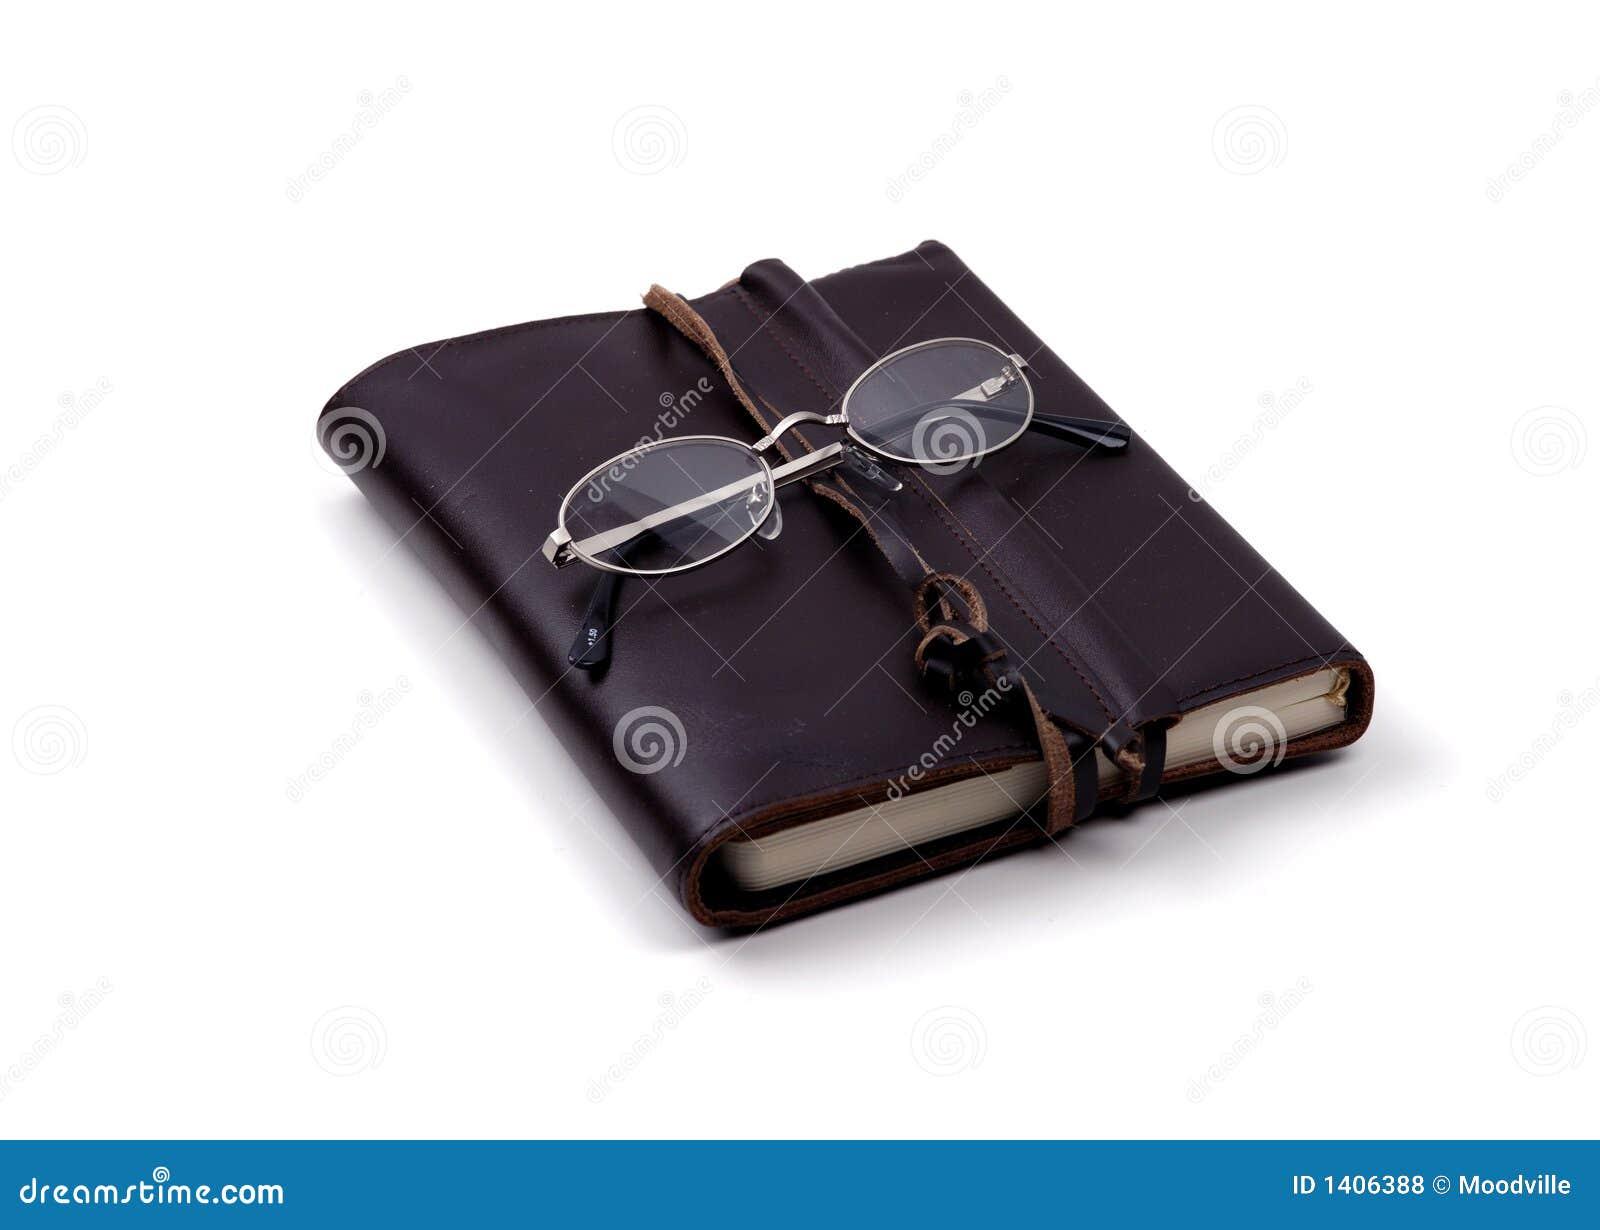 Des objets - Cuir-bondissez le tome